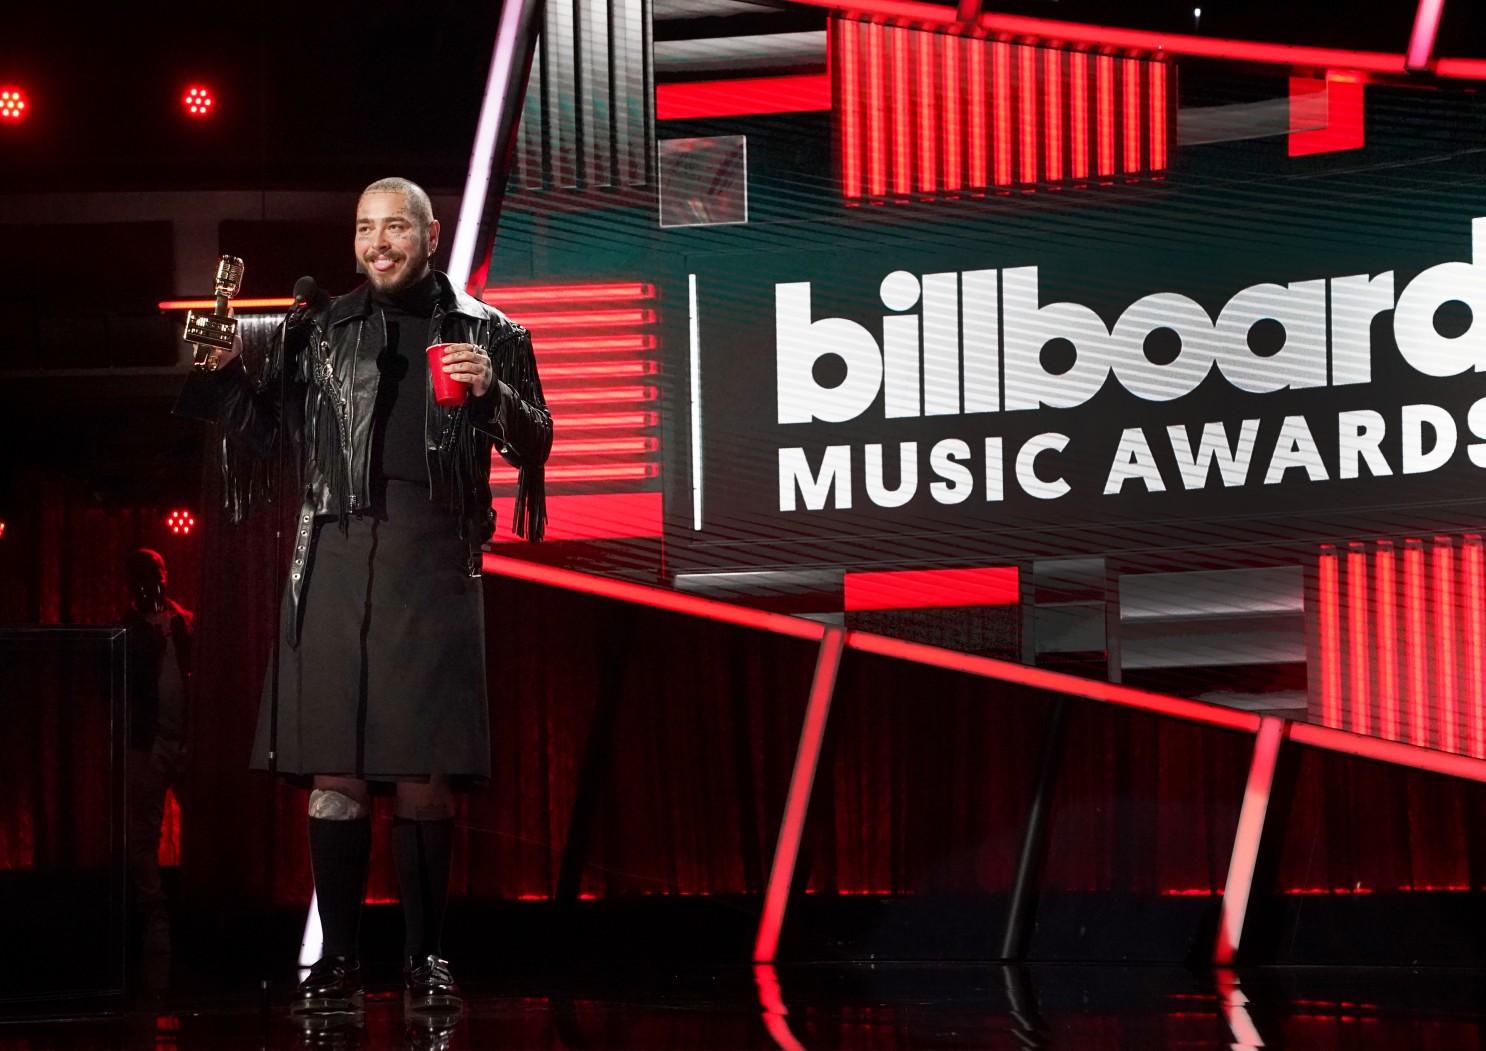 Η Μπίλι Άιλις κι ο Ποστ Μαλόουν έγραψαν ιστορία στα μουσικά βραβεία Billboard 2020